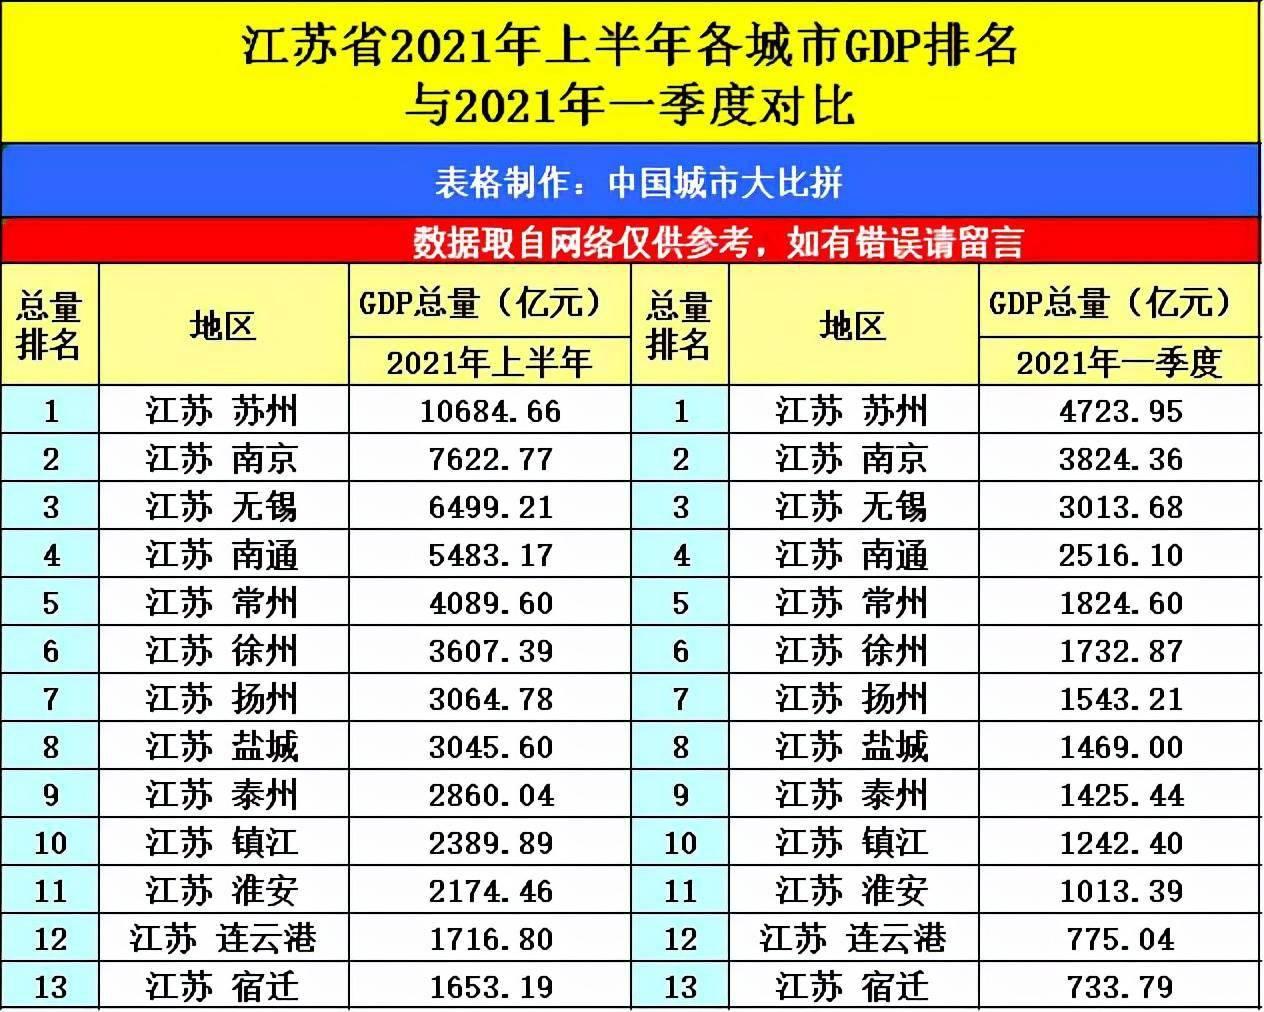 2021青岛gdp全国排名_江苏苏州与山东青岛的2021年上半年GDP谁更高